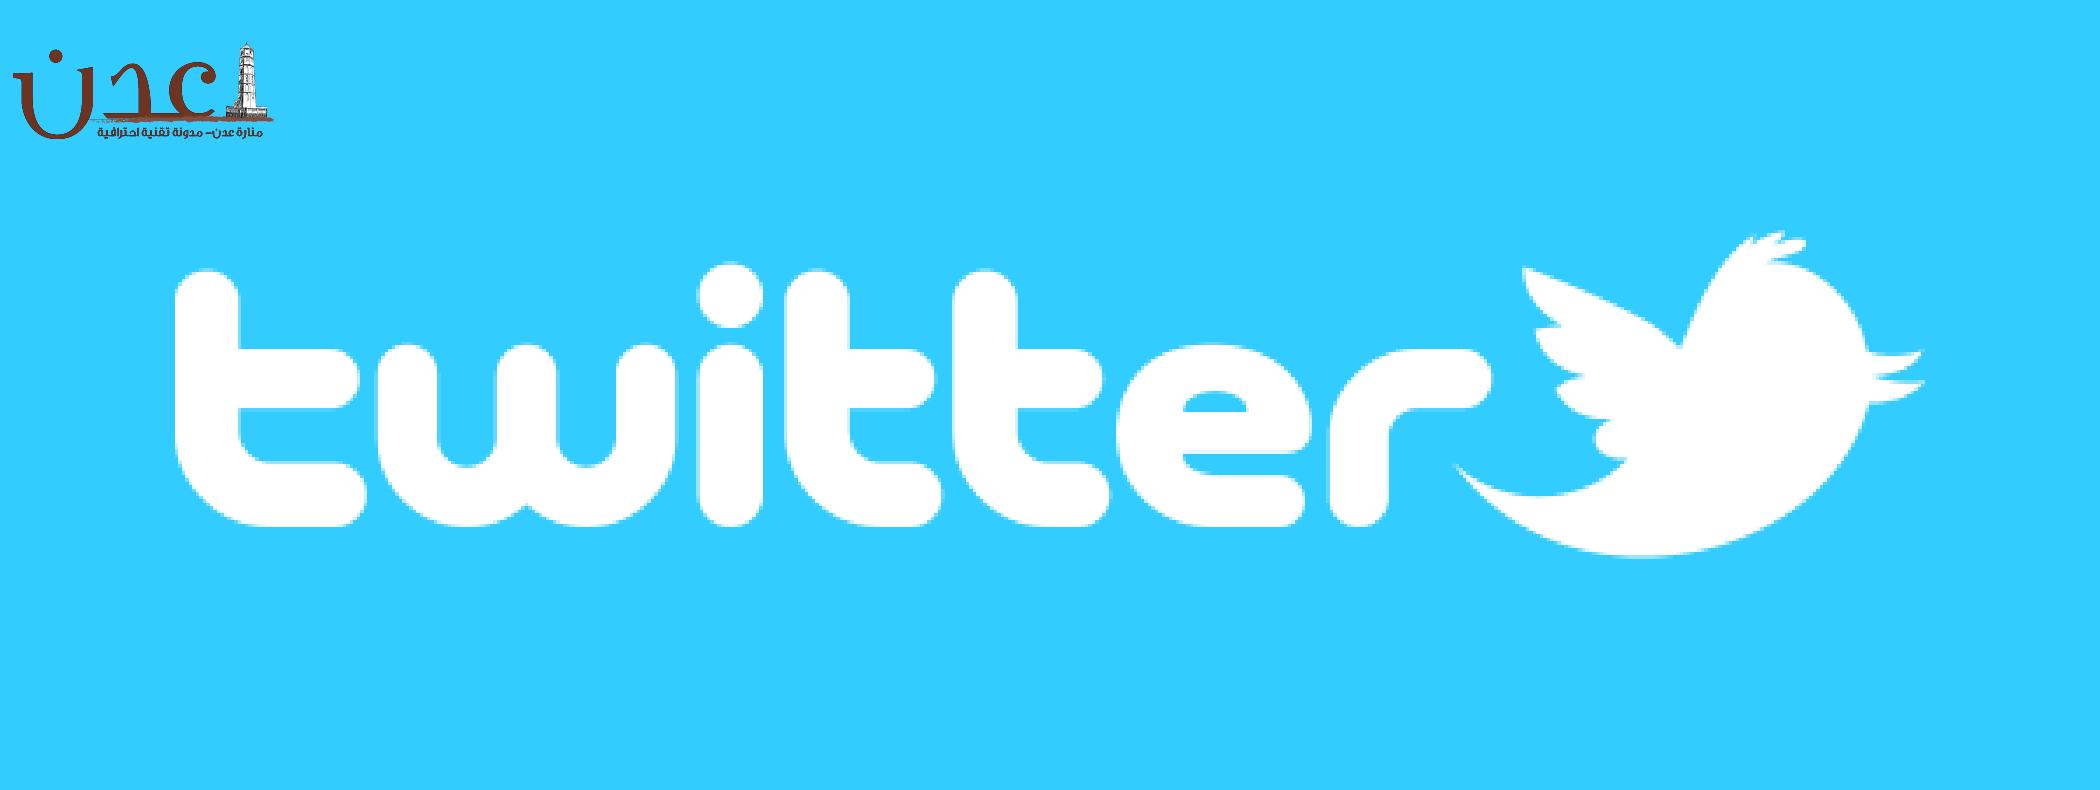 إنشاء حساب و تسجيل دخول تويتر Twitter